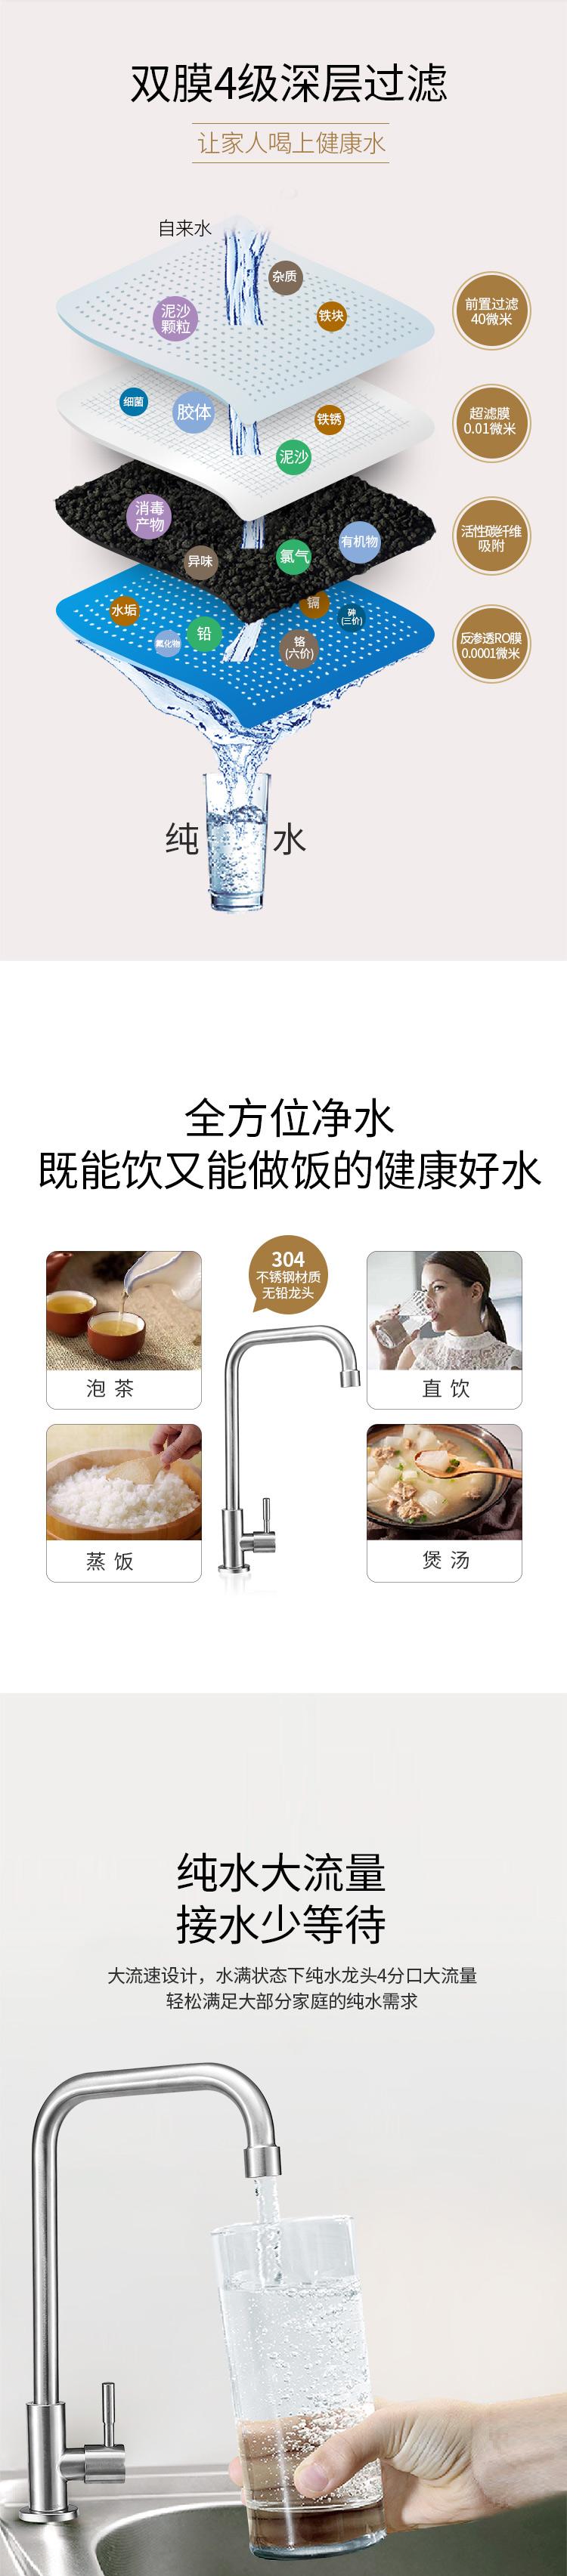 X2详情页-改龙头_02.jpg